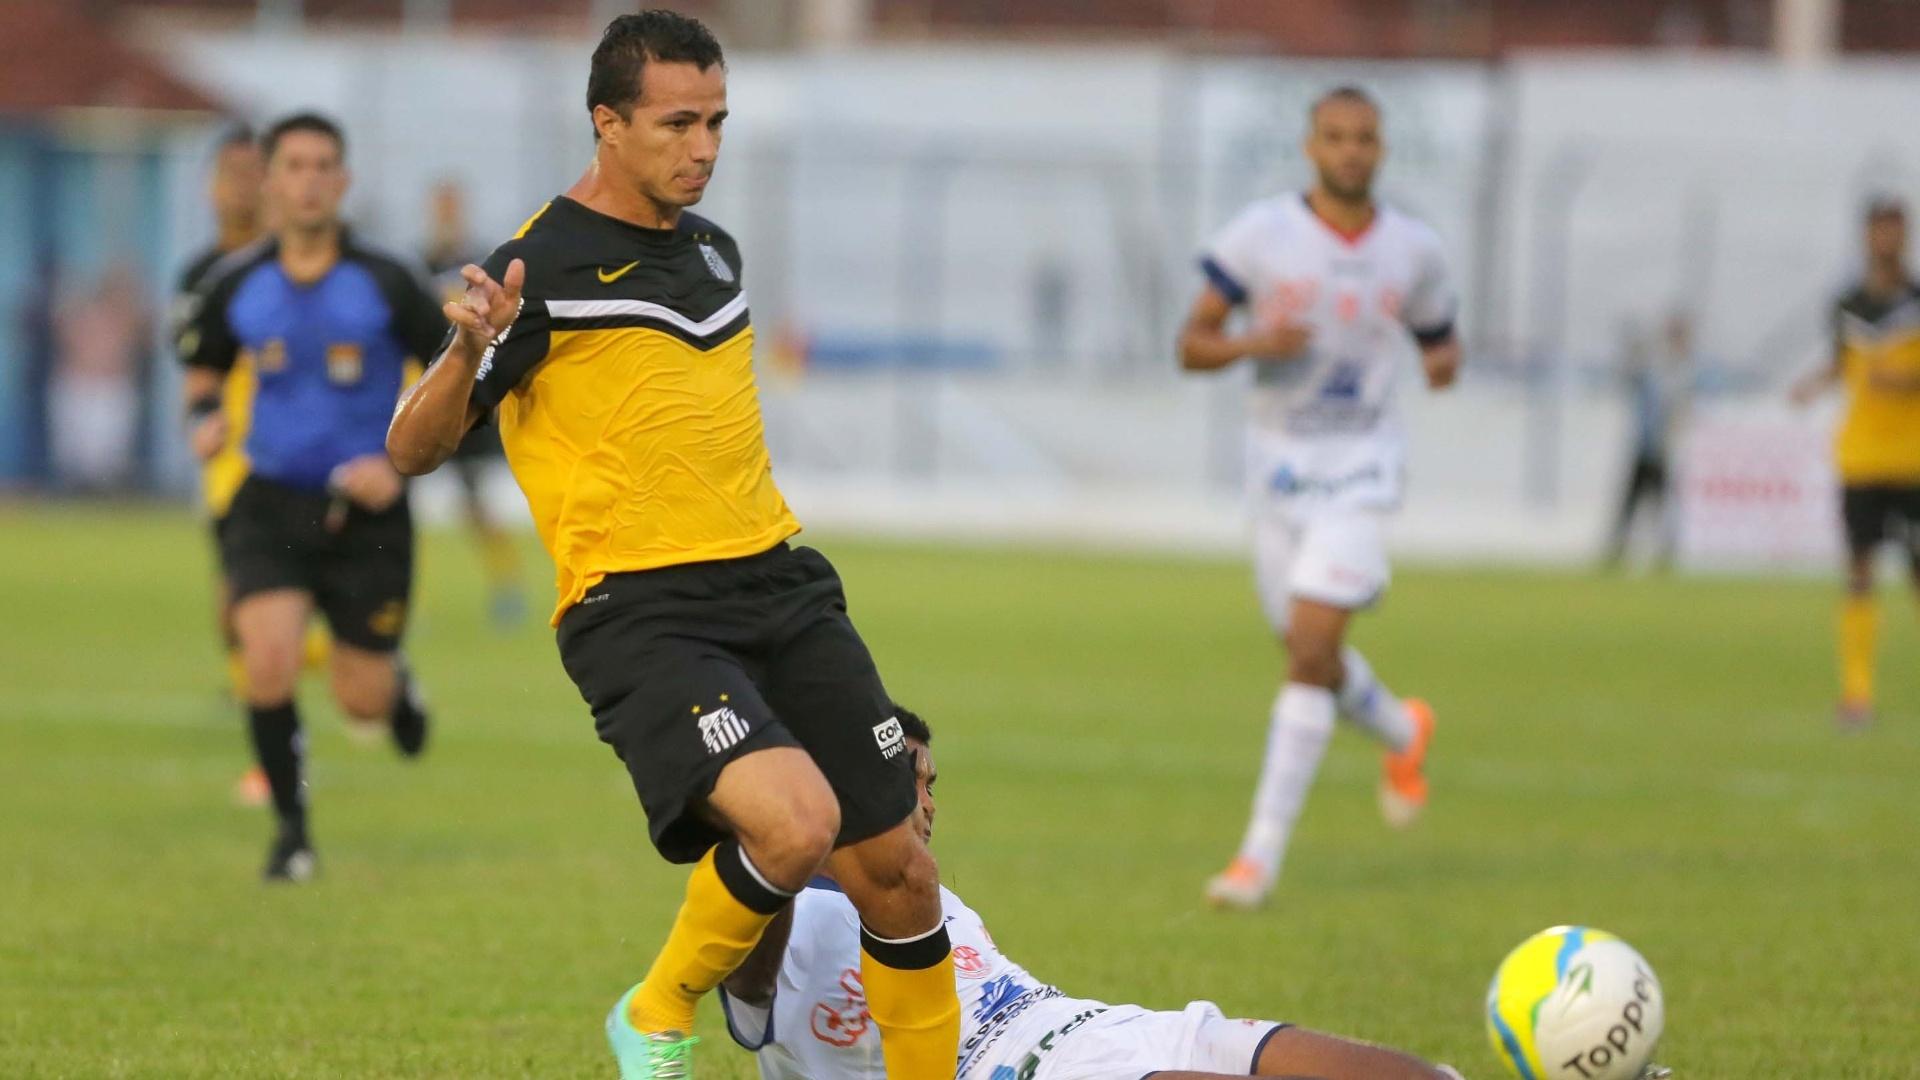 16.fev.2014 - Leandro Damião recebe carrinho em jogo do Santos contra o Penapolense, pelo Campeonato Paulista